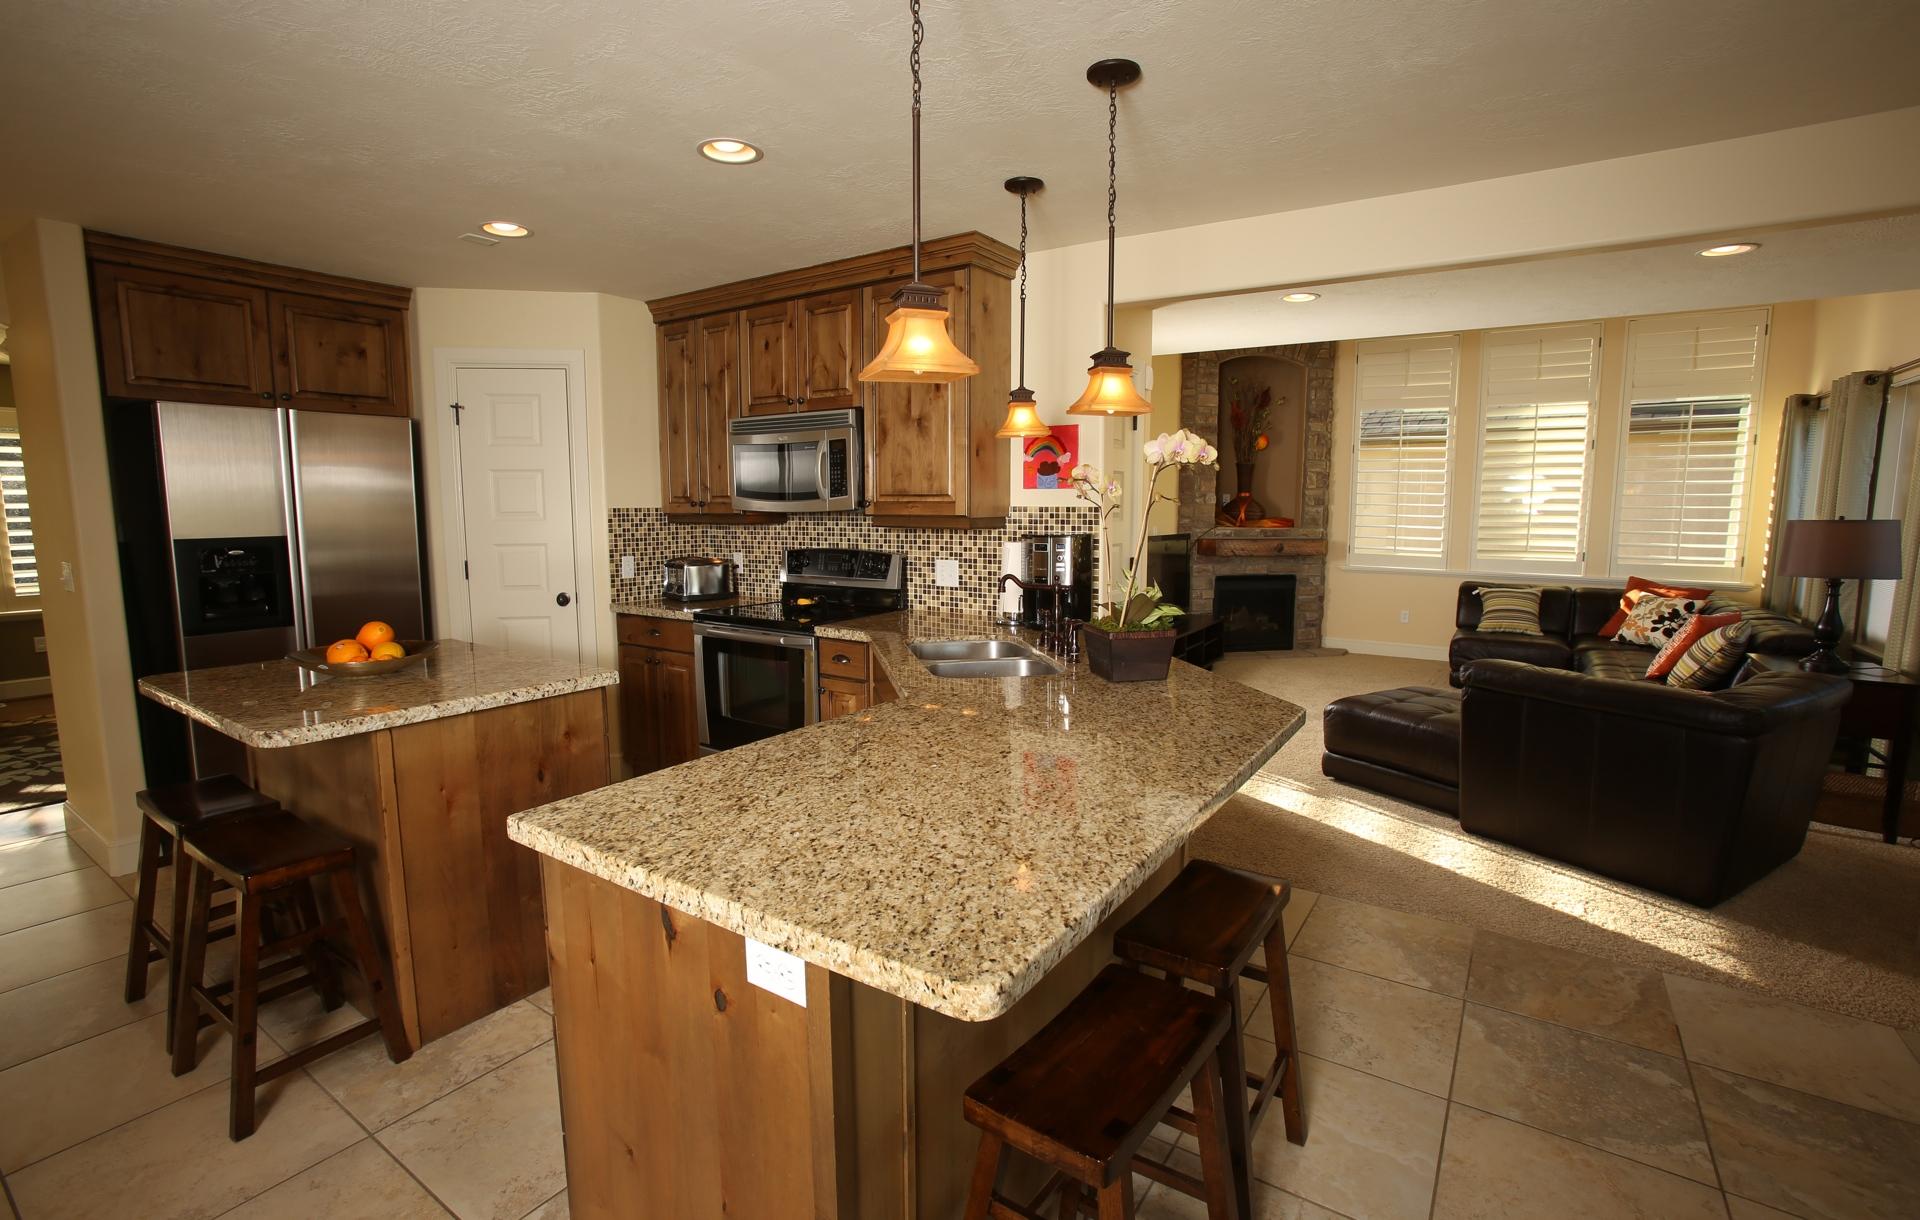 crest_kitchen3.jpg